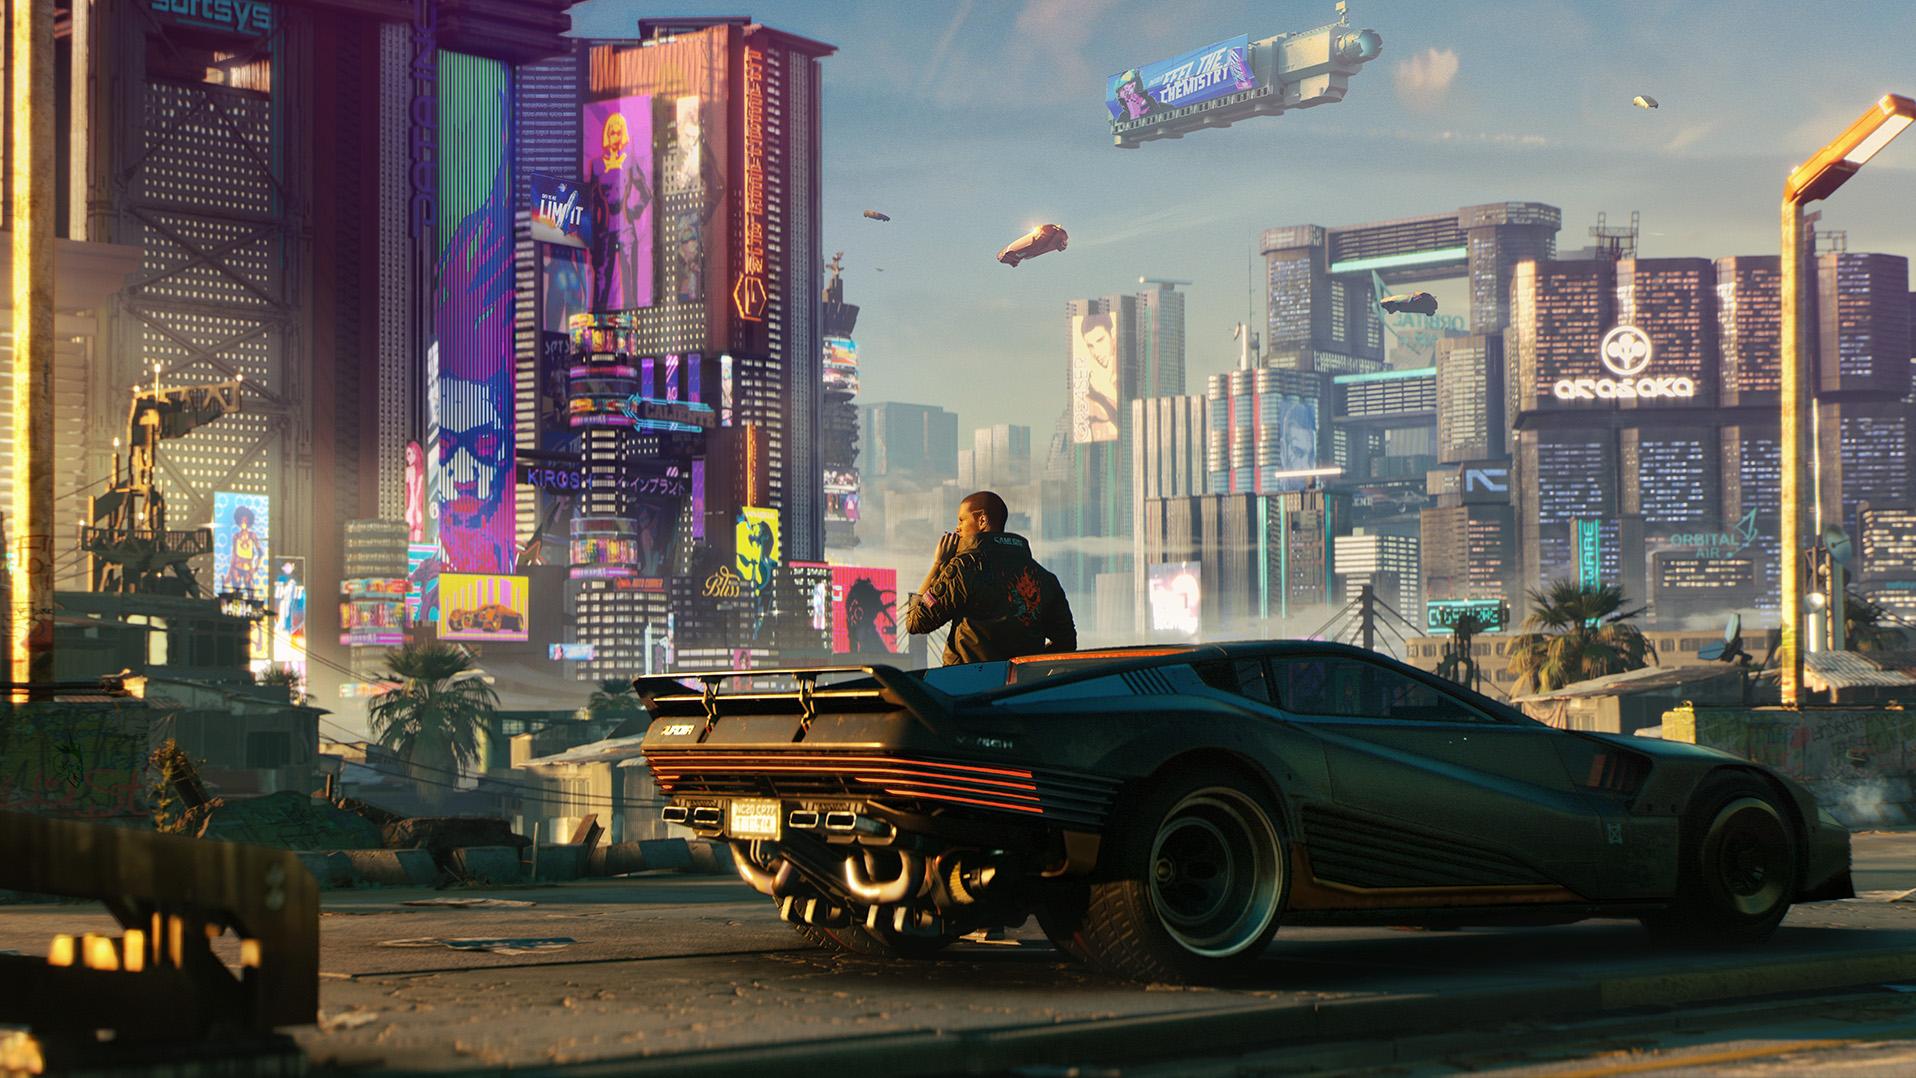 Cyberpunk 2077 Has A 43.5 GB Update & A Day One Patch